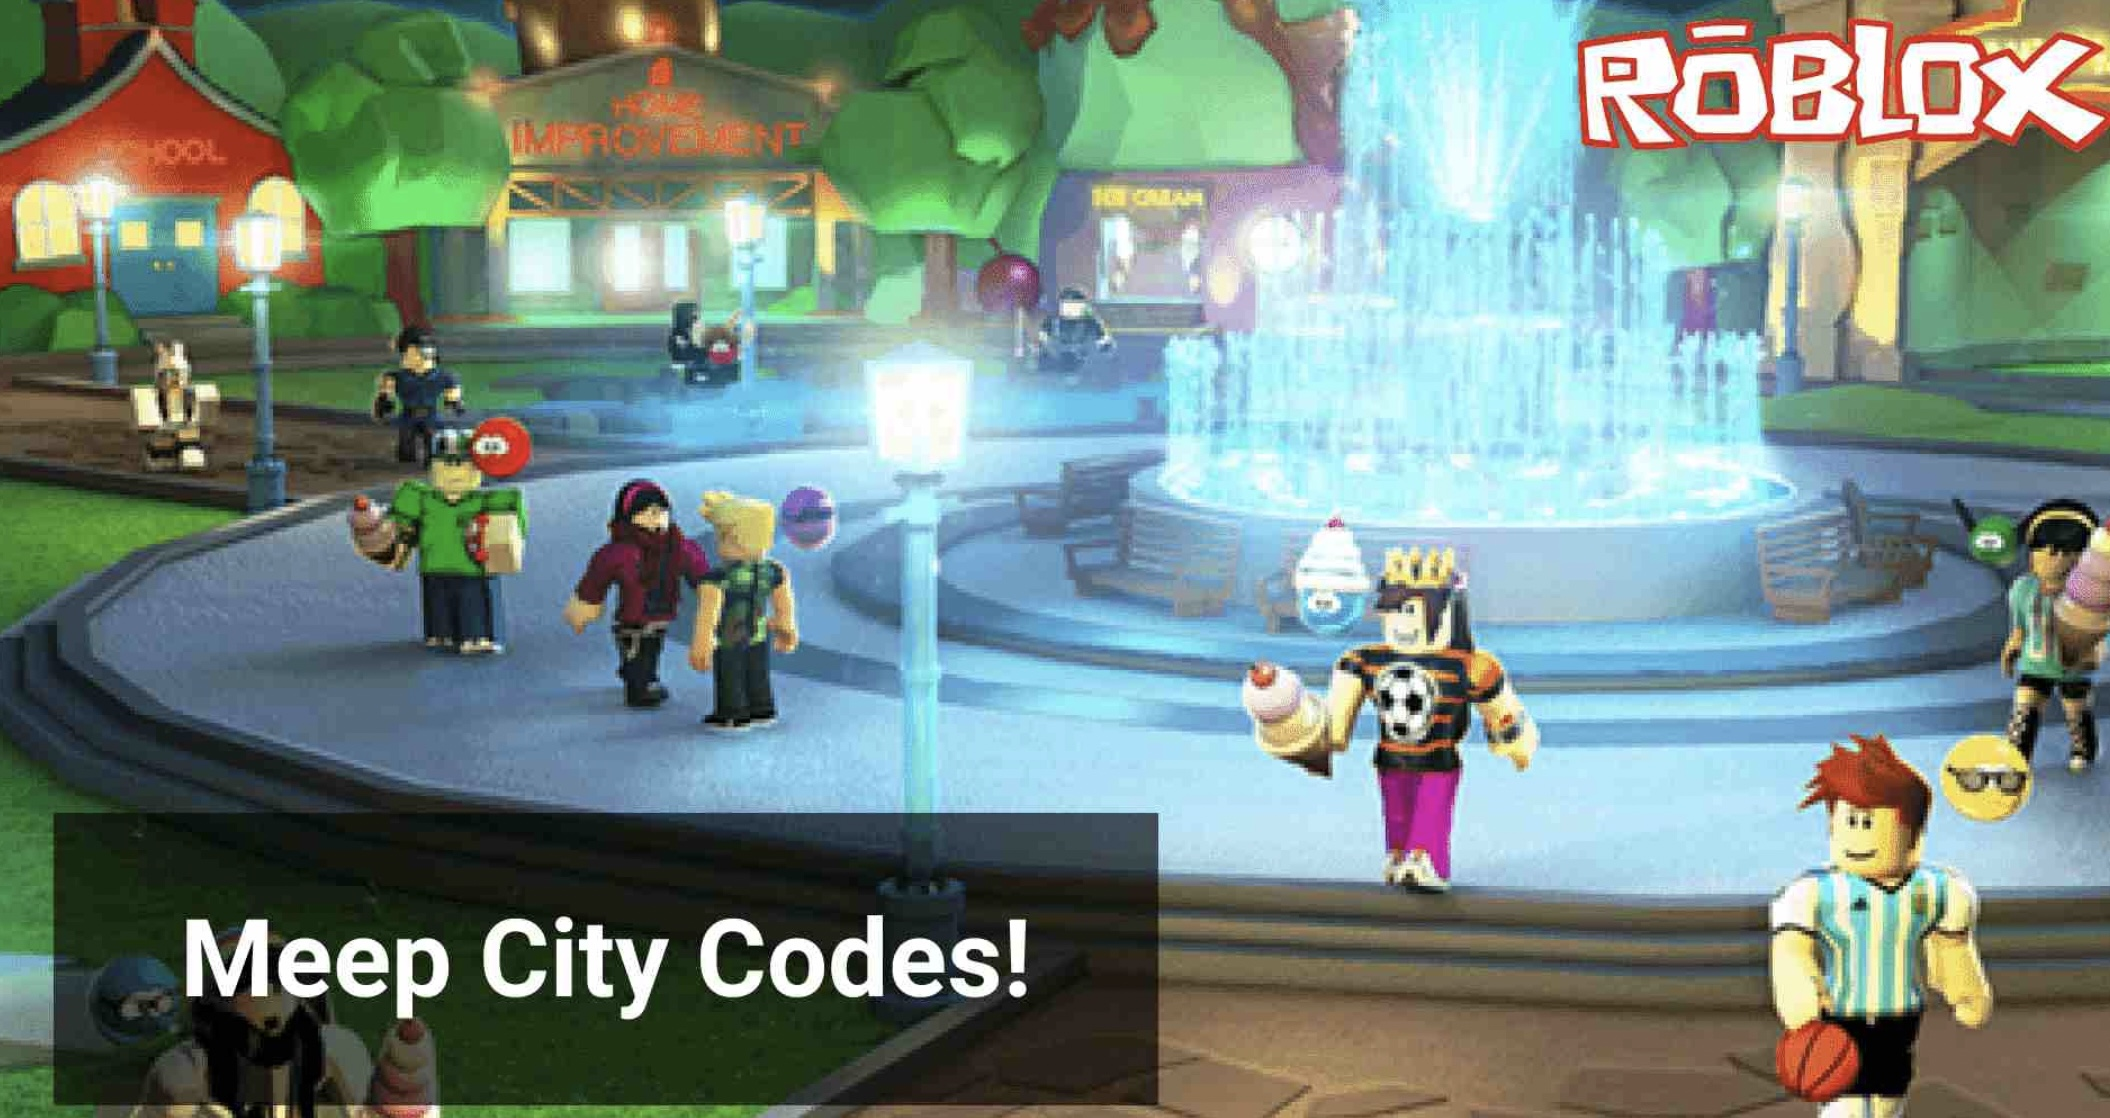 Meepcity Codes